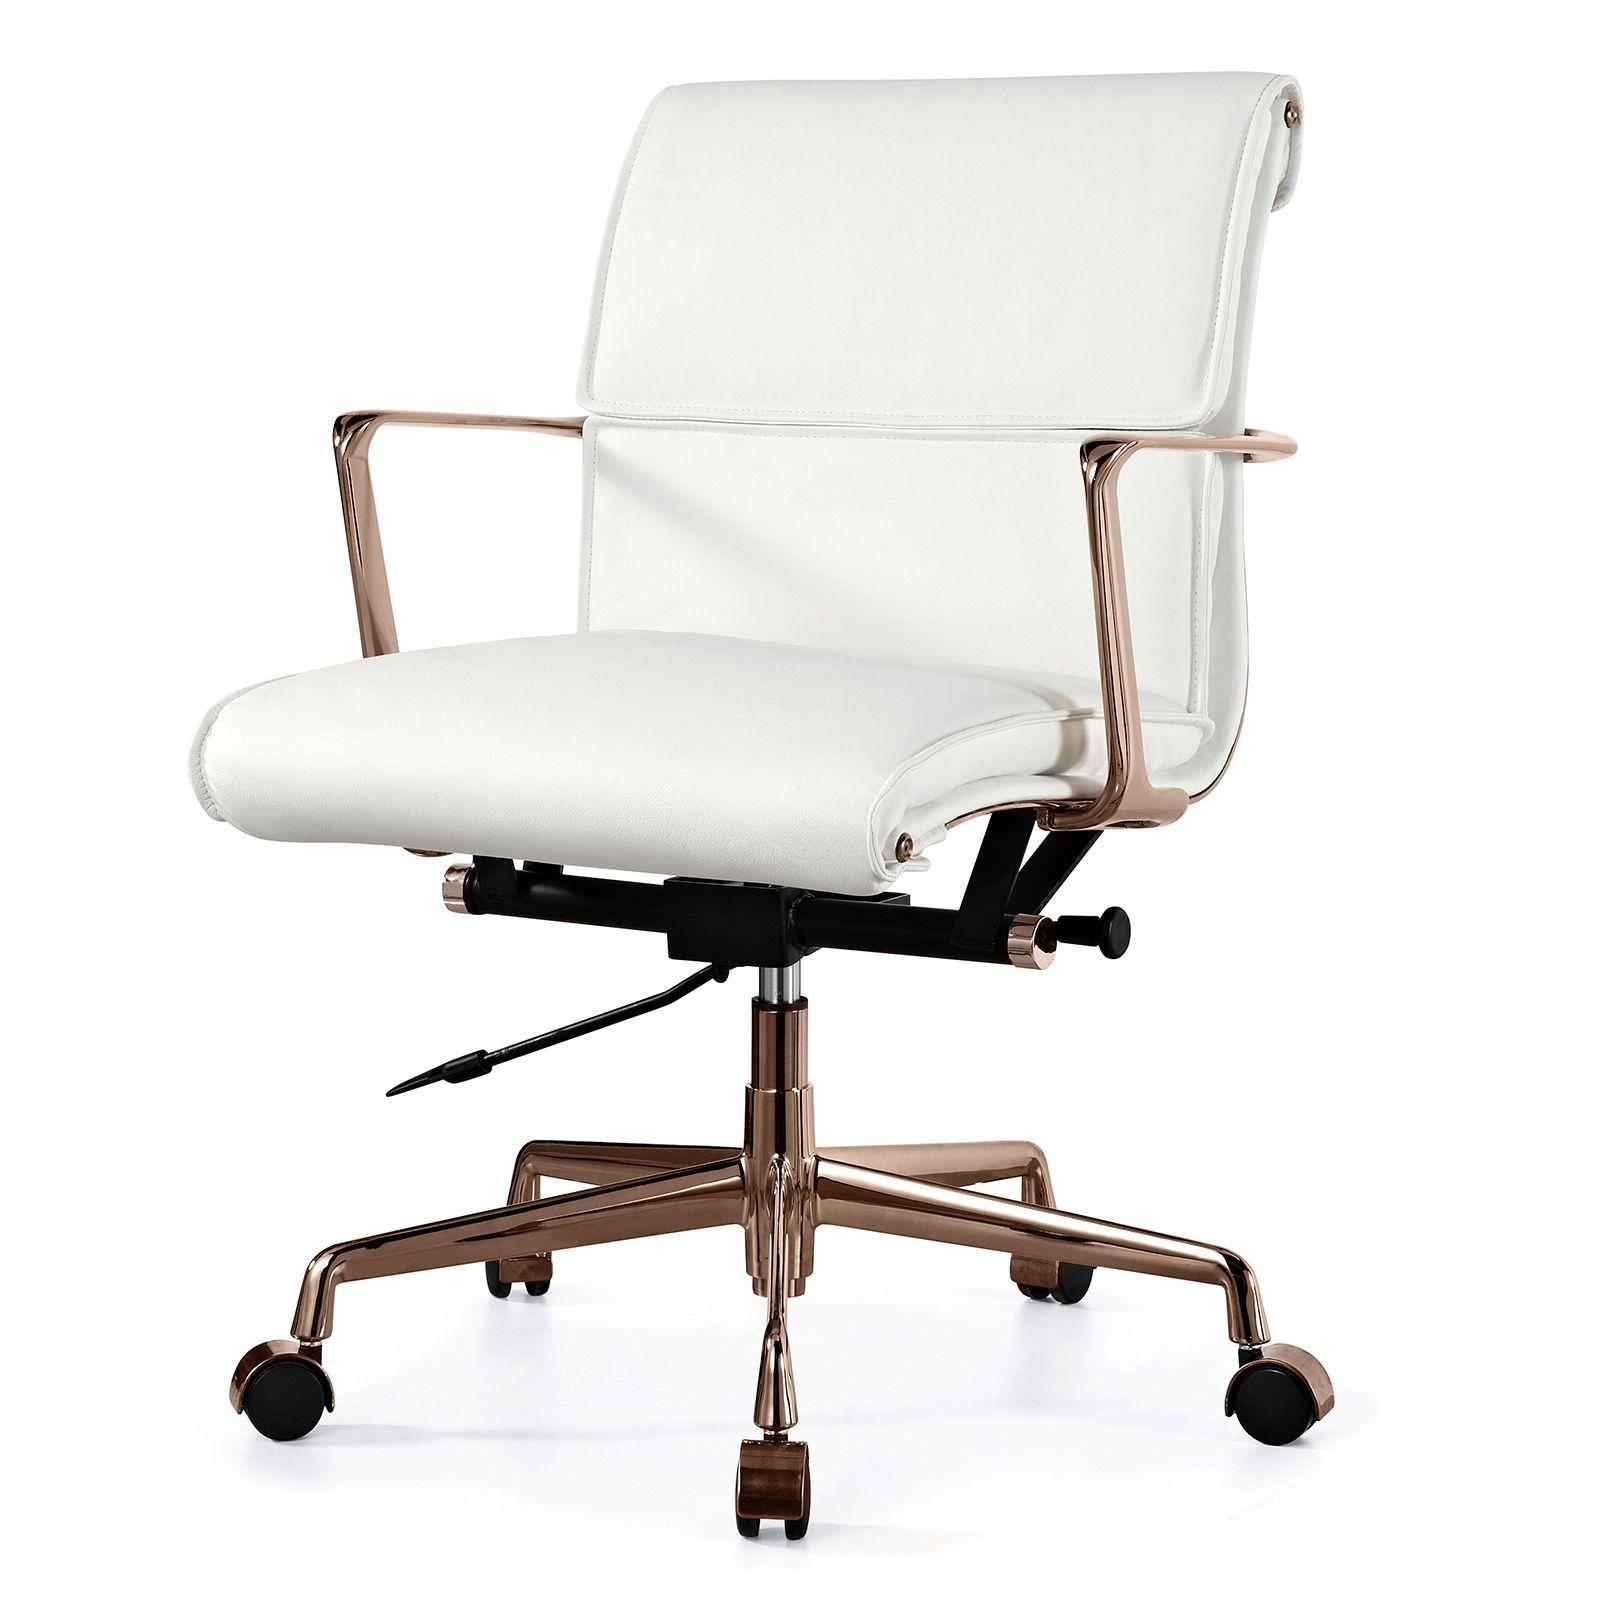 sharp white on rose gold swivel chair